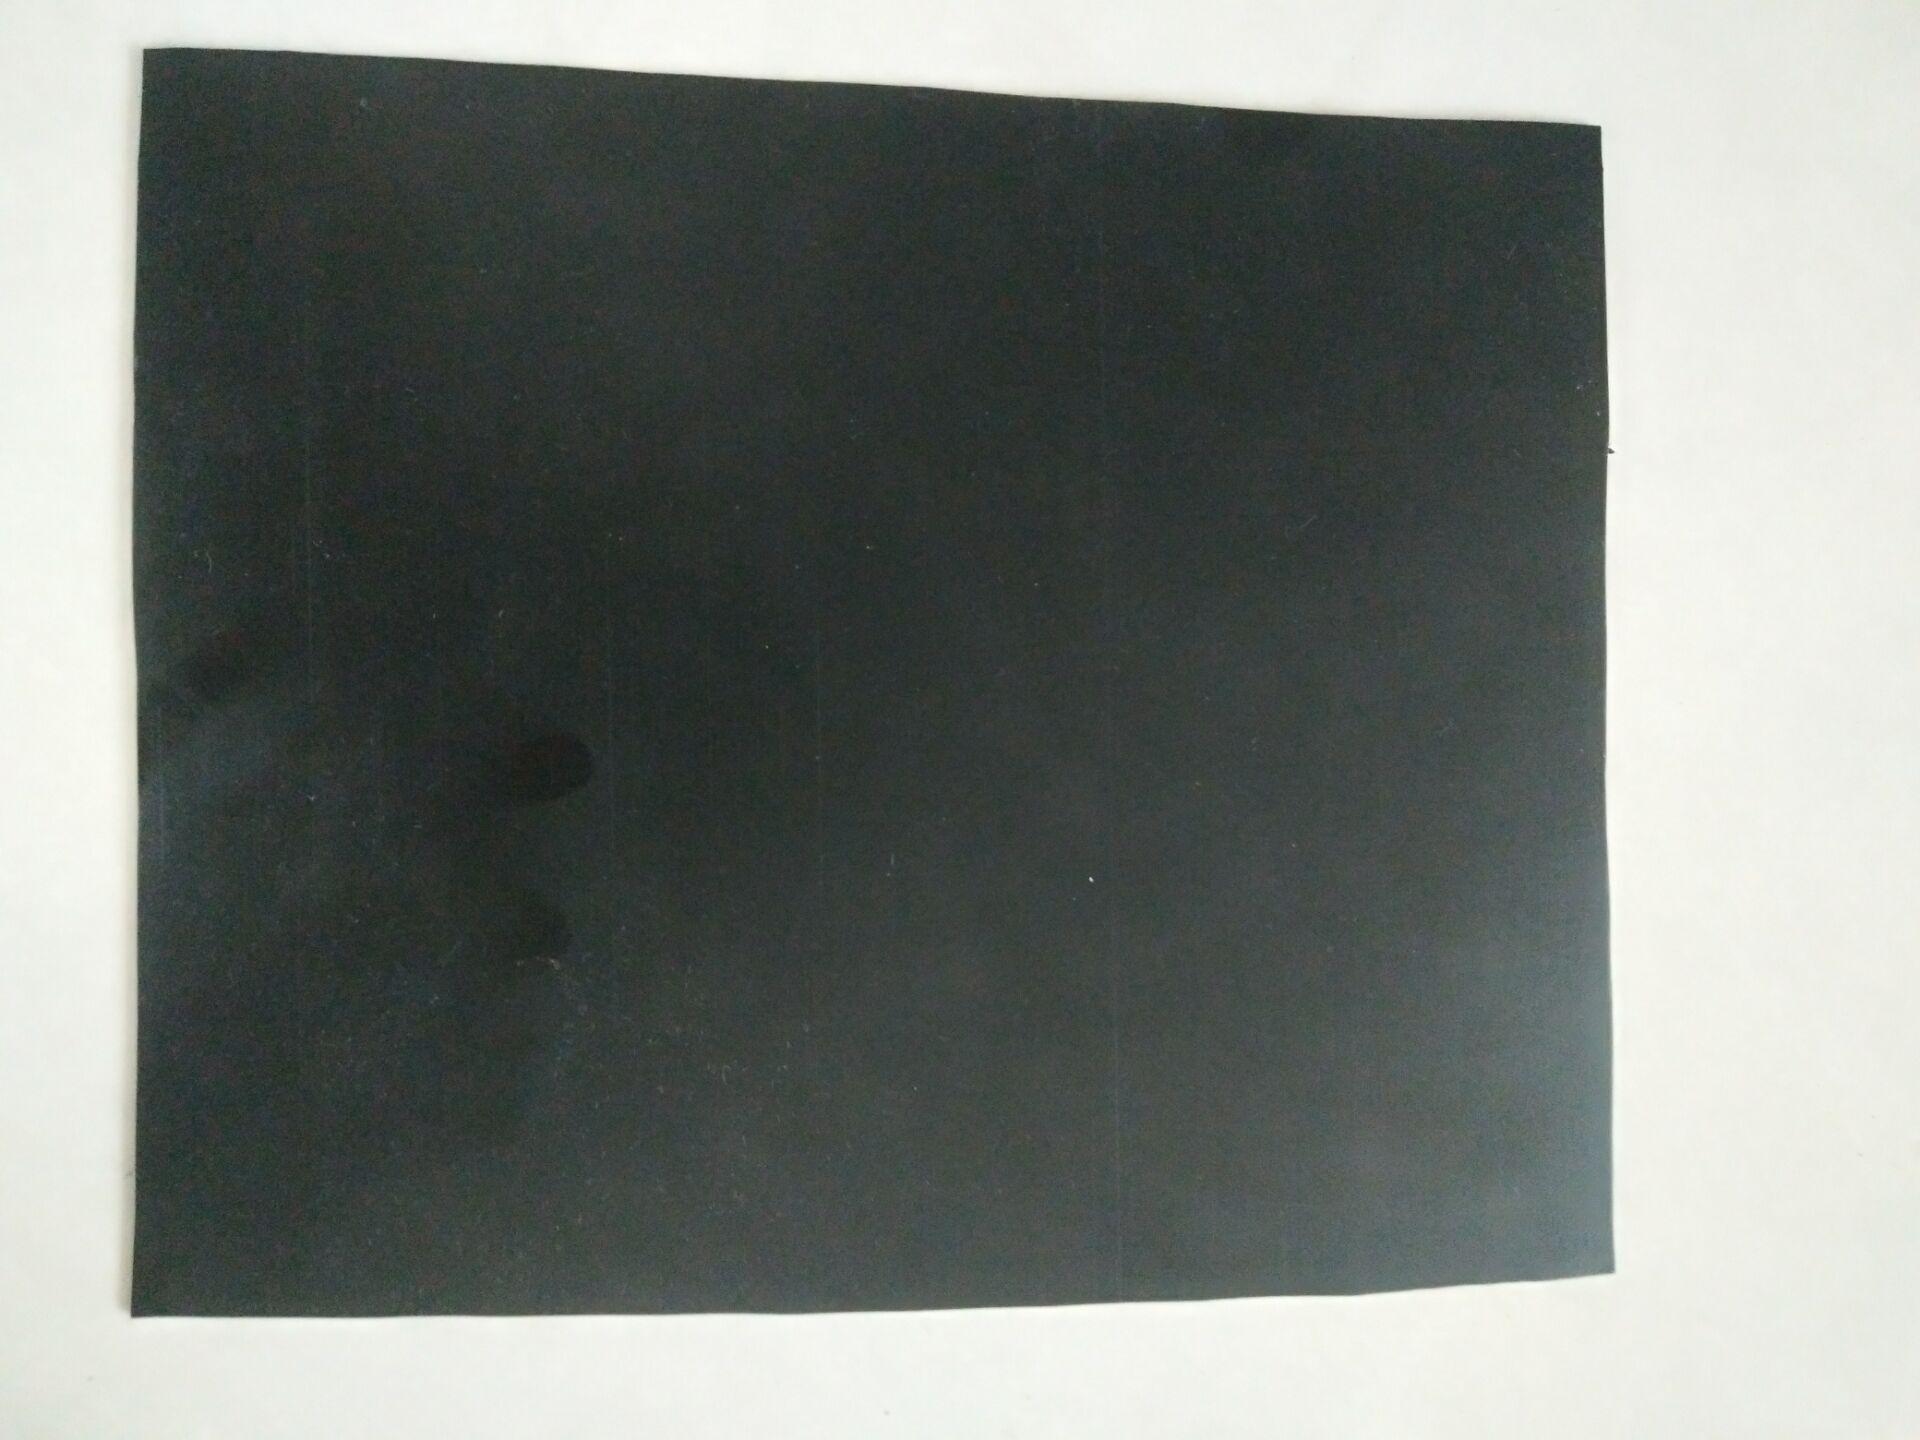 EVA覆膜防水板